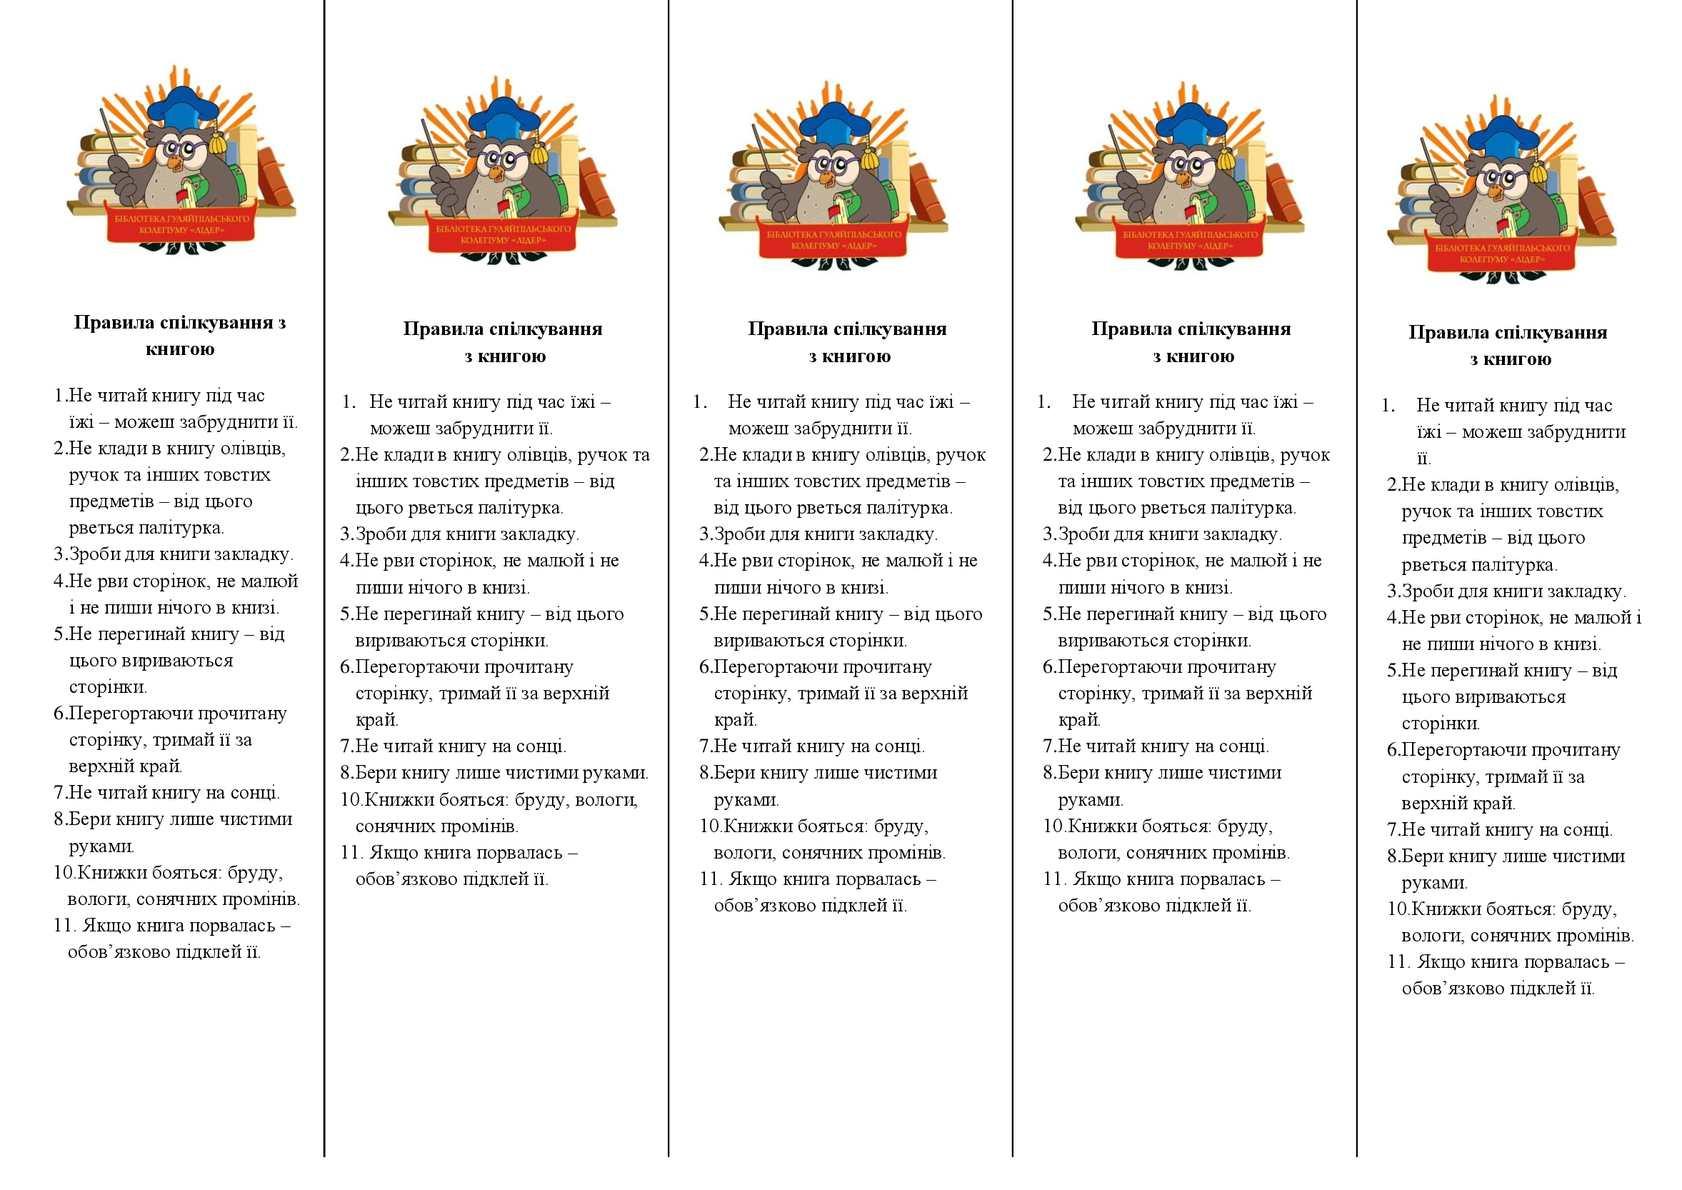 закладка правила спілкування з книгою